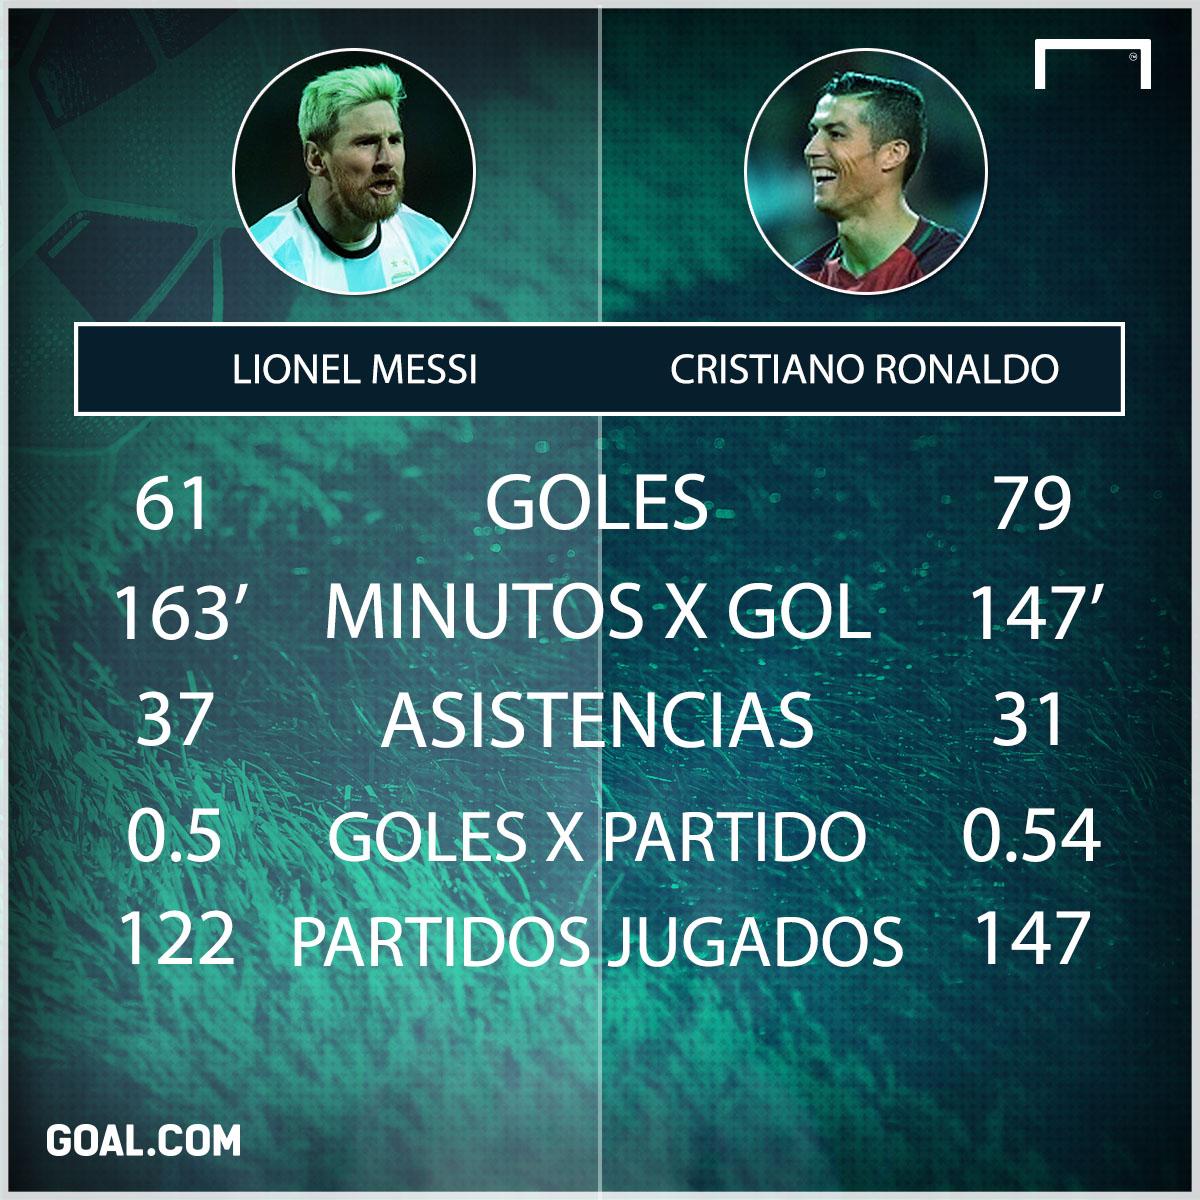 CR7 vs Messi selecciones